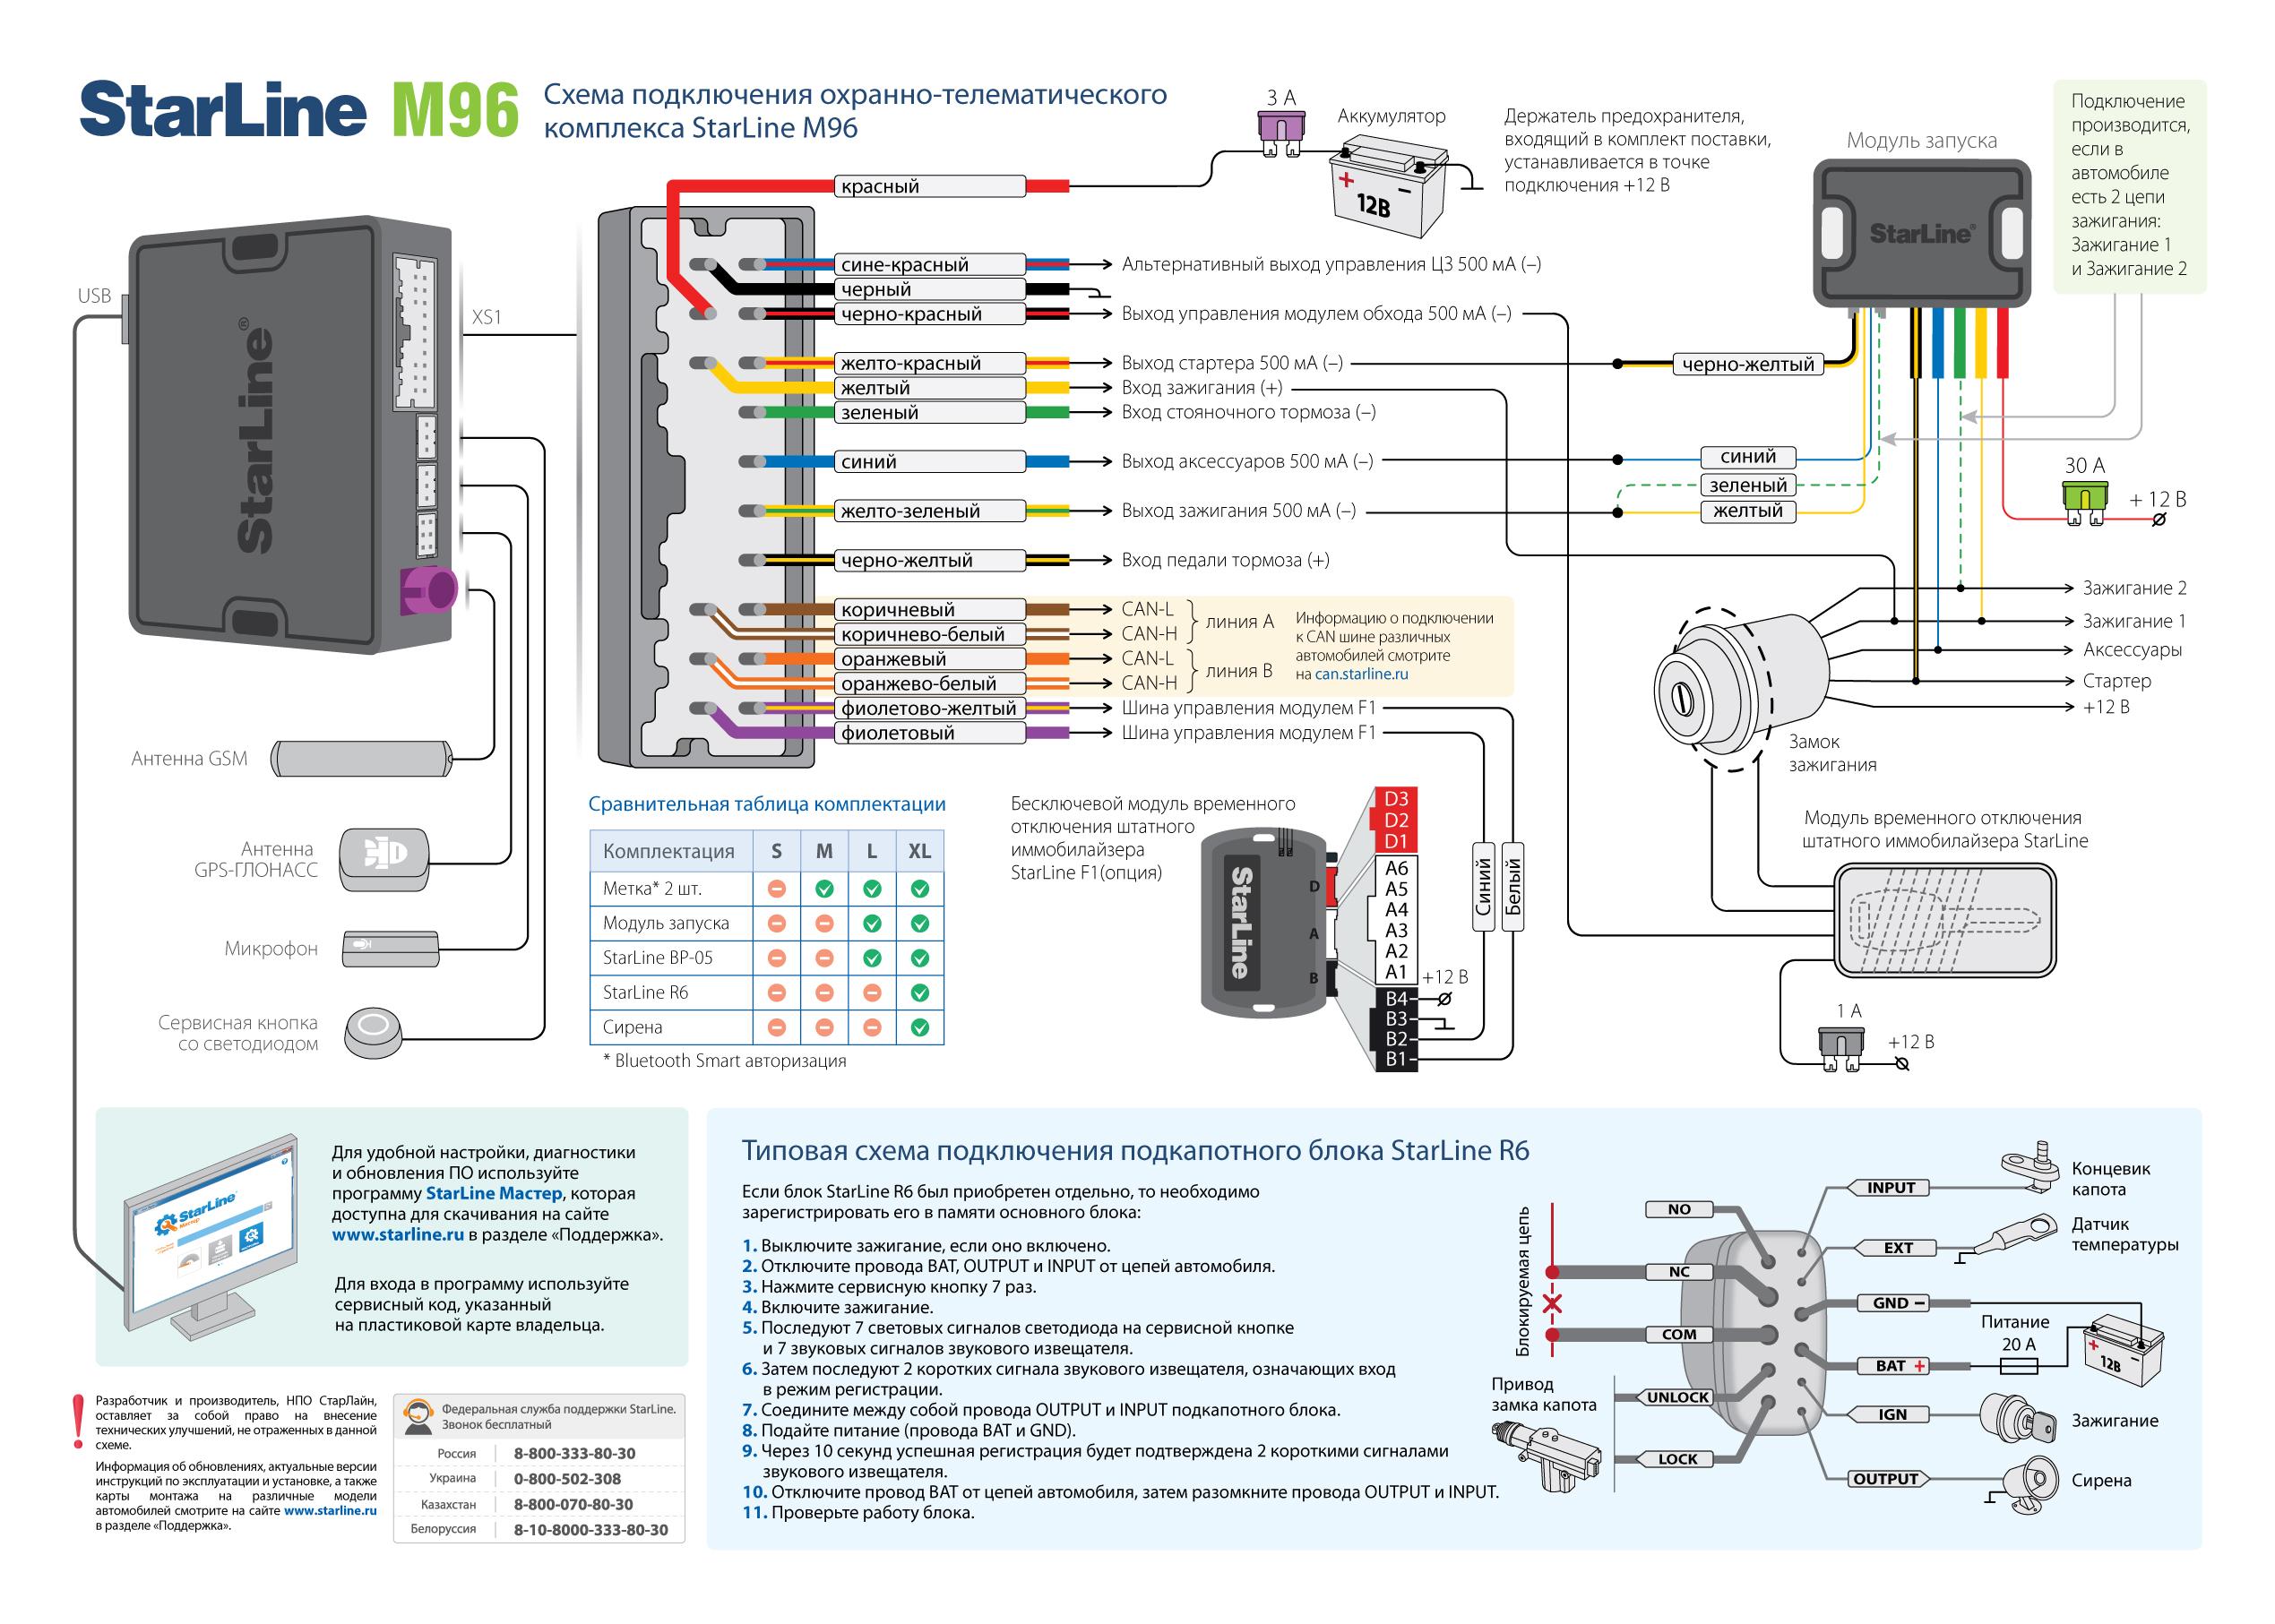 Схема подключения StarLine M96